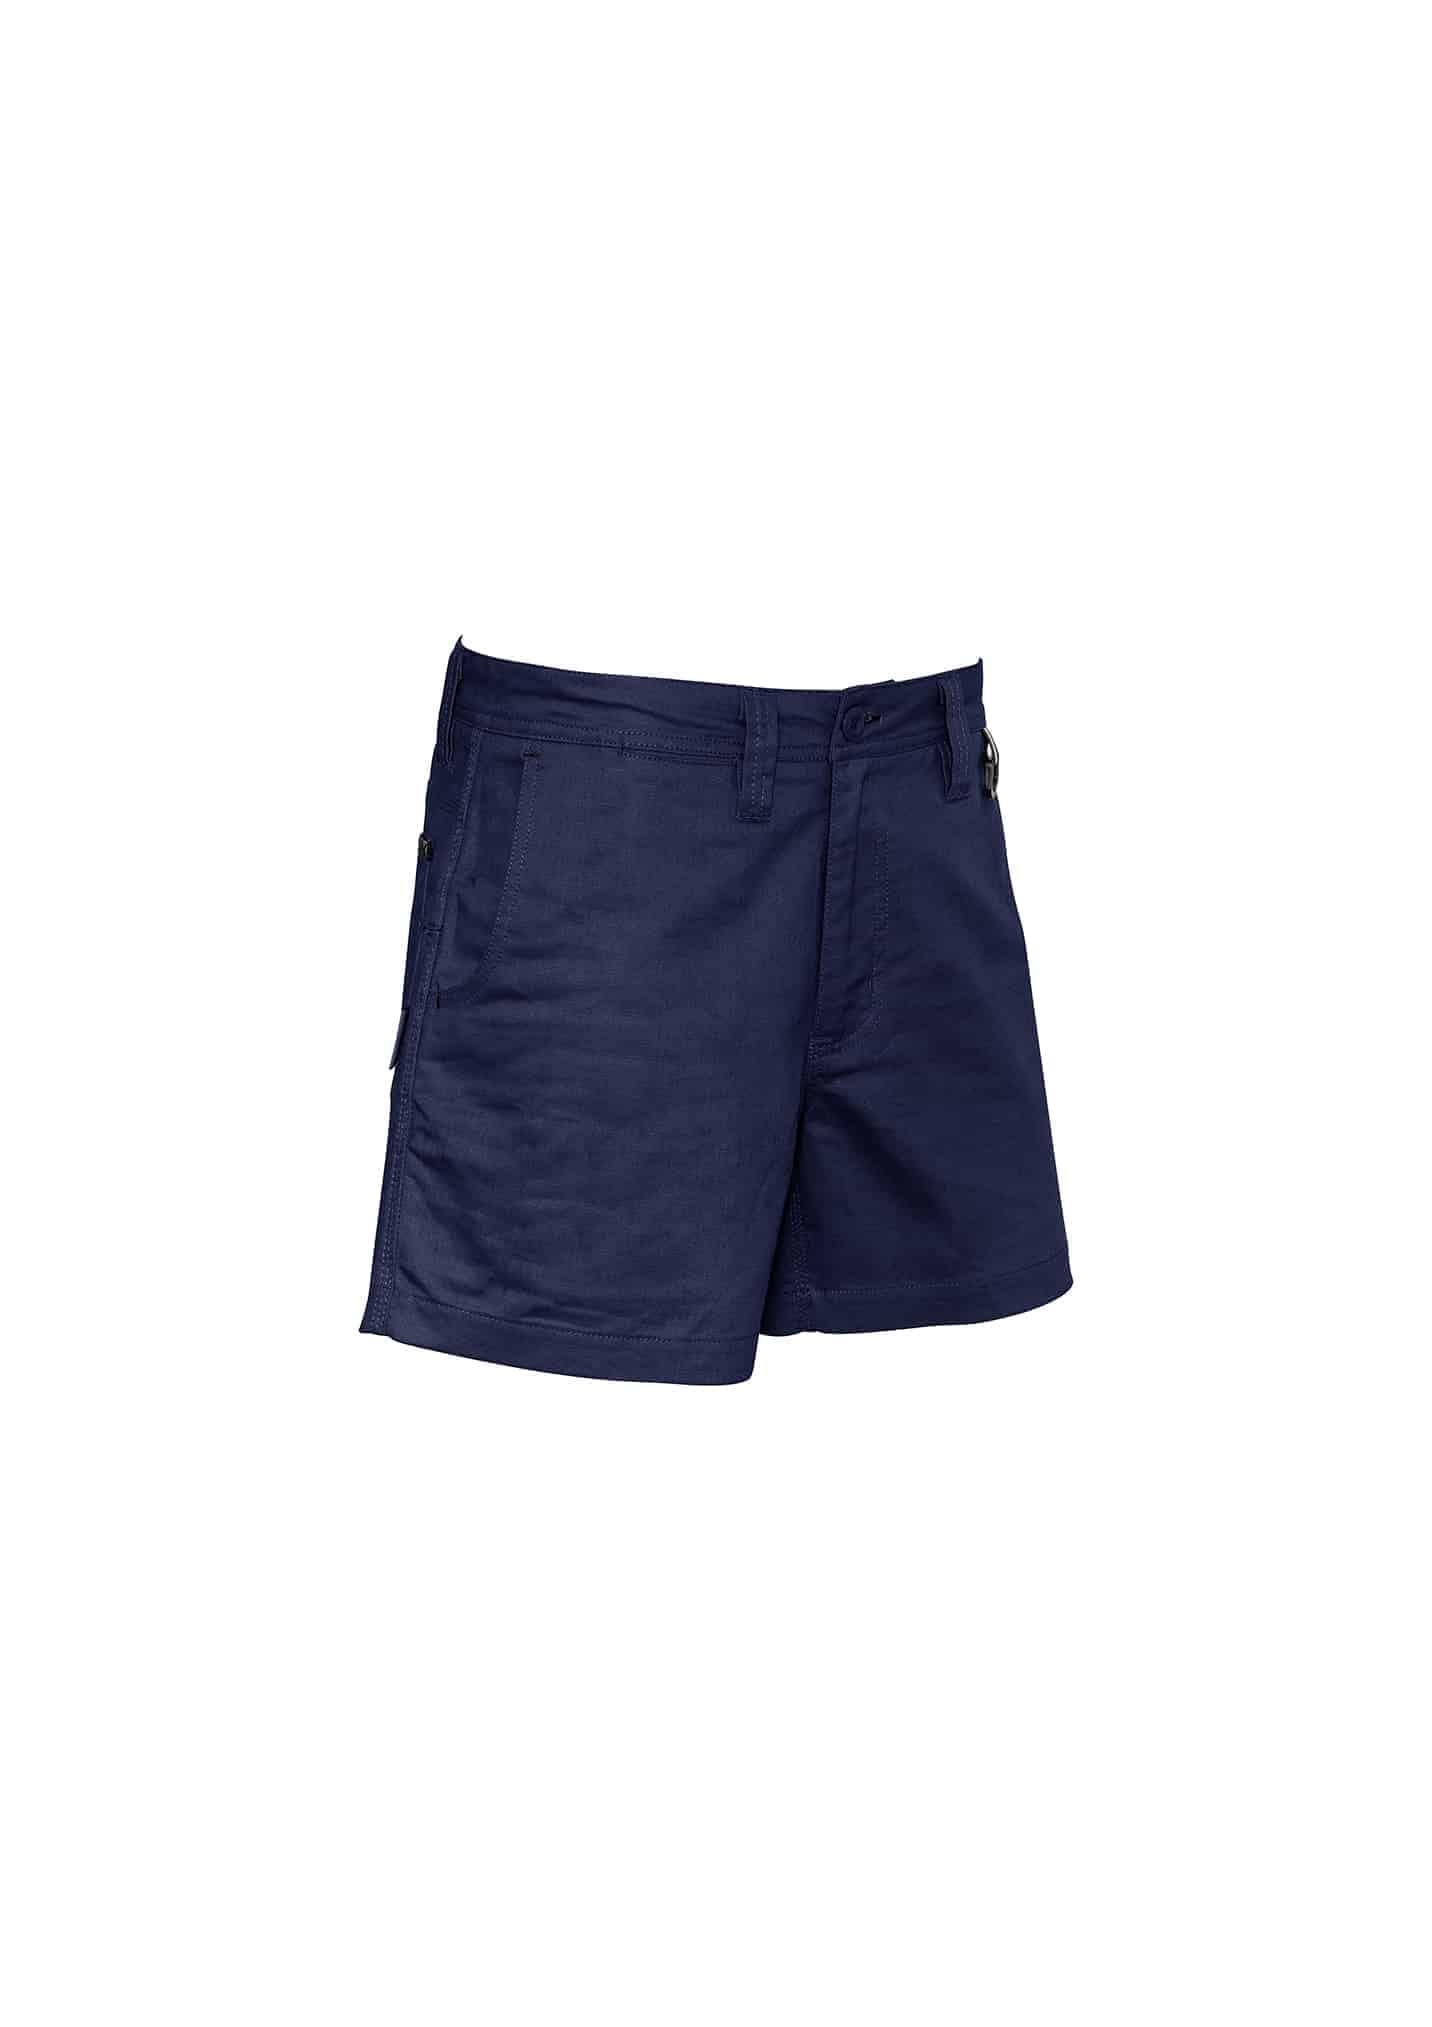 Rugged Short Short